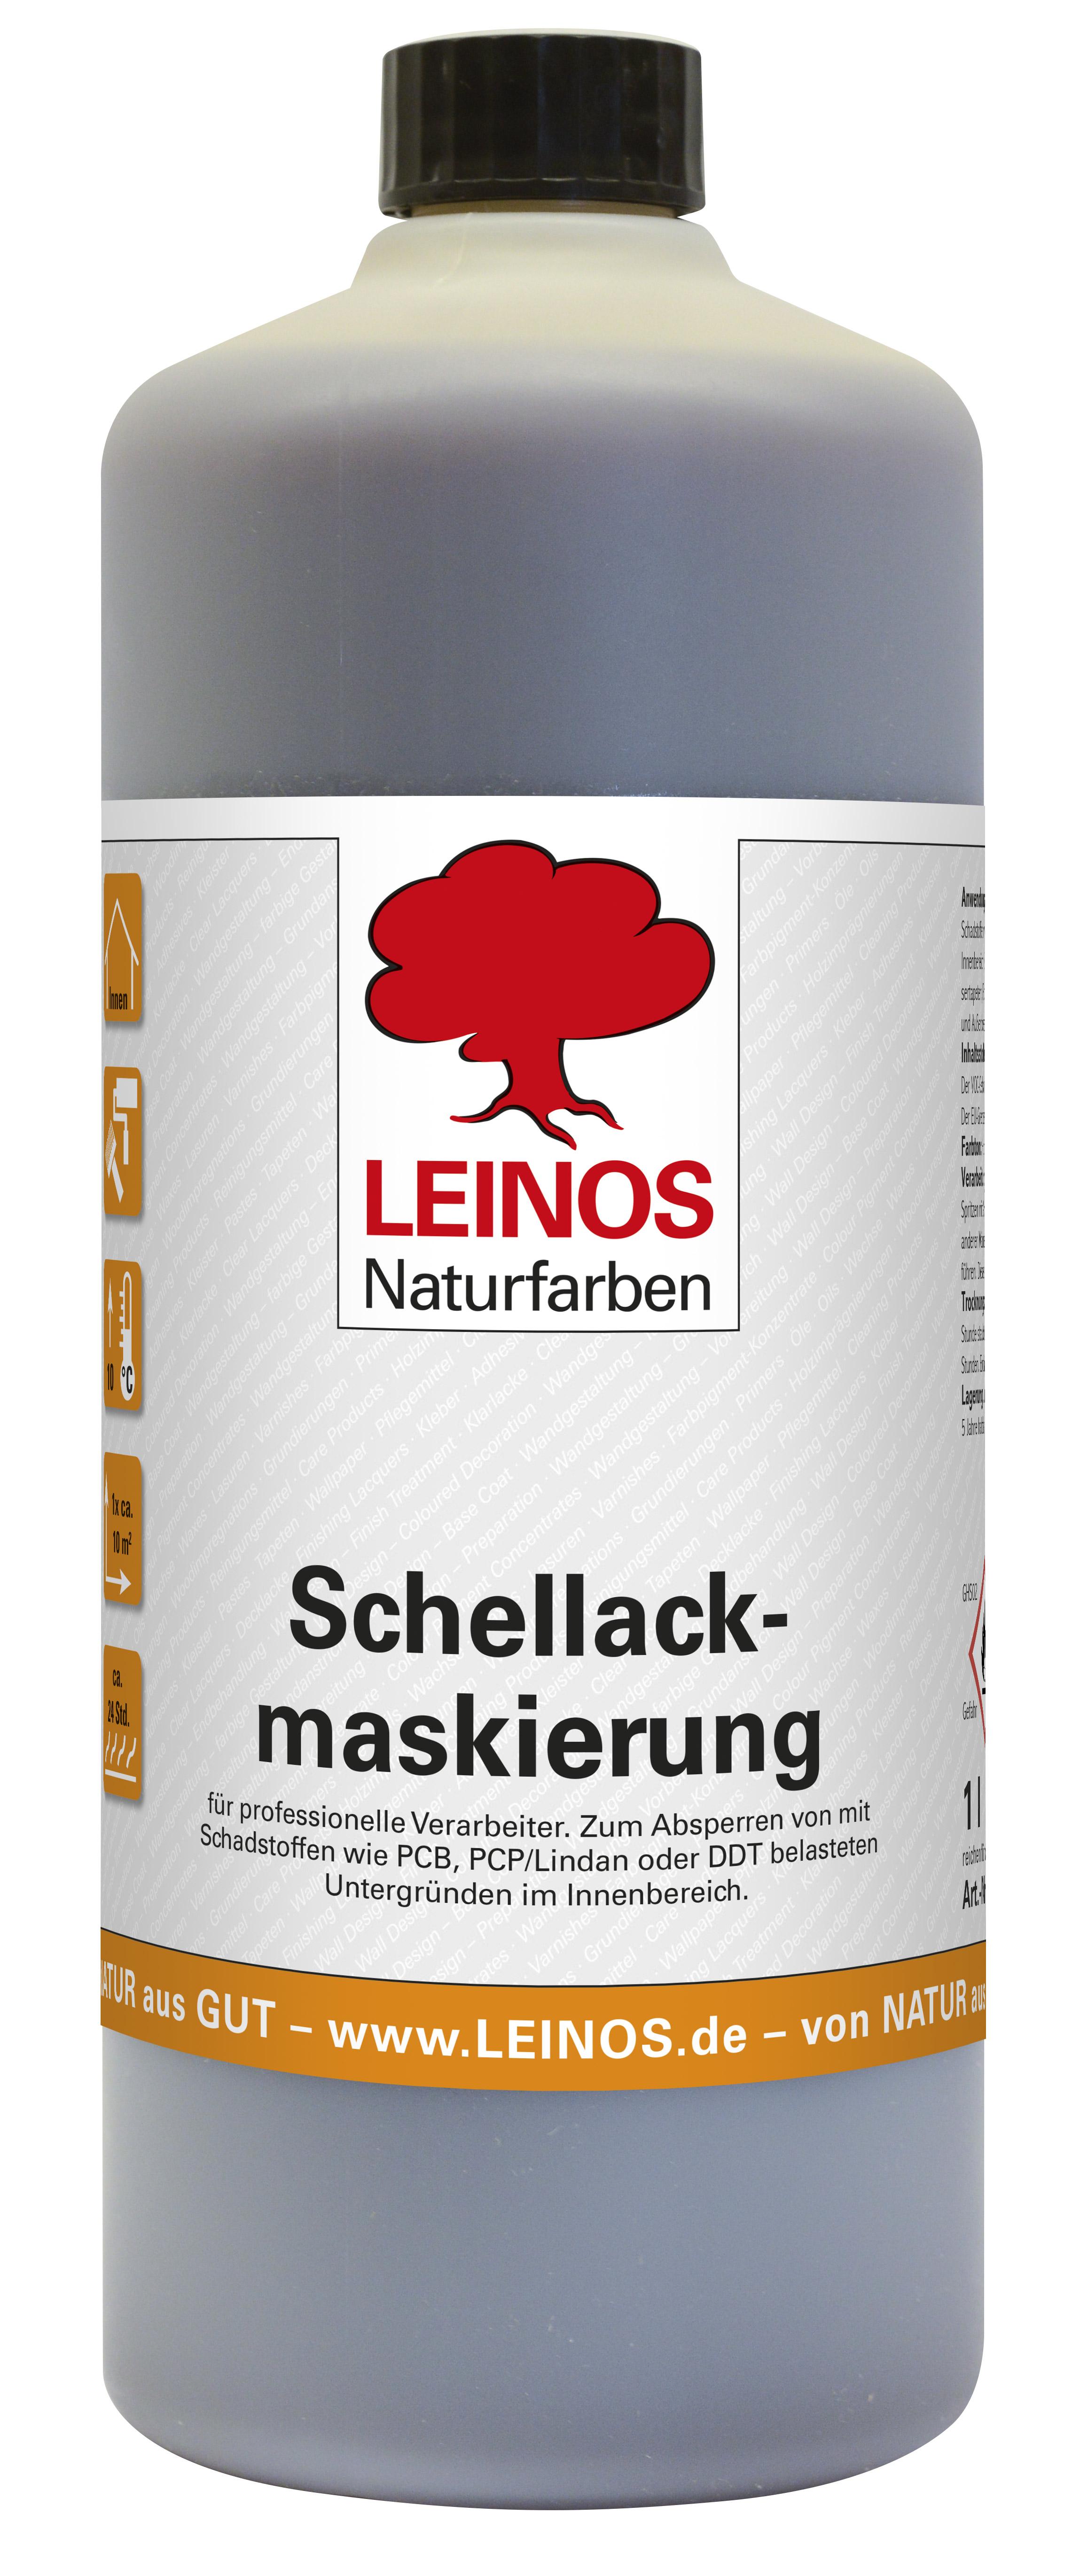 Leinos Schellackmaskierung